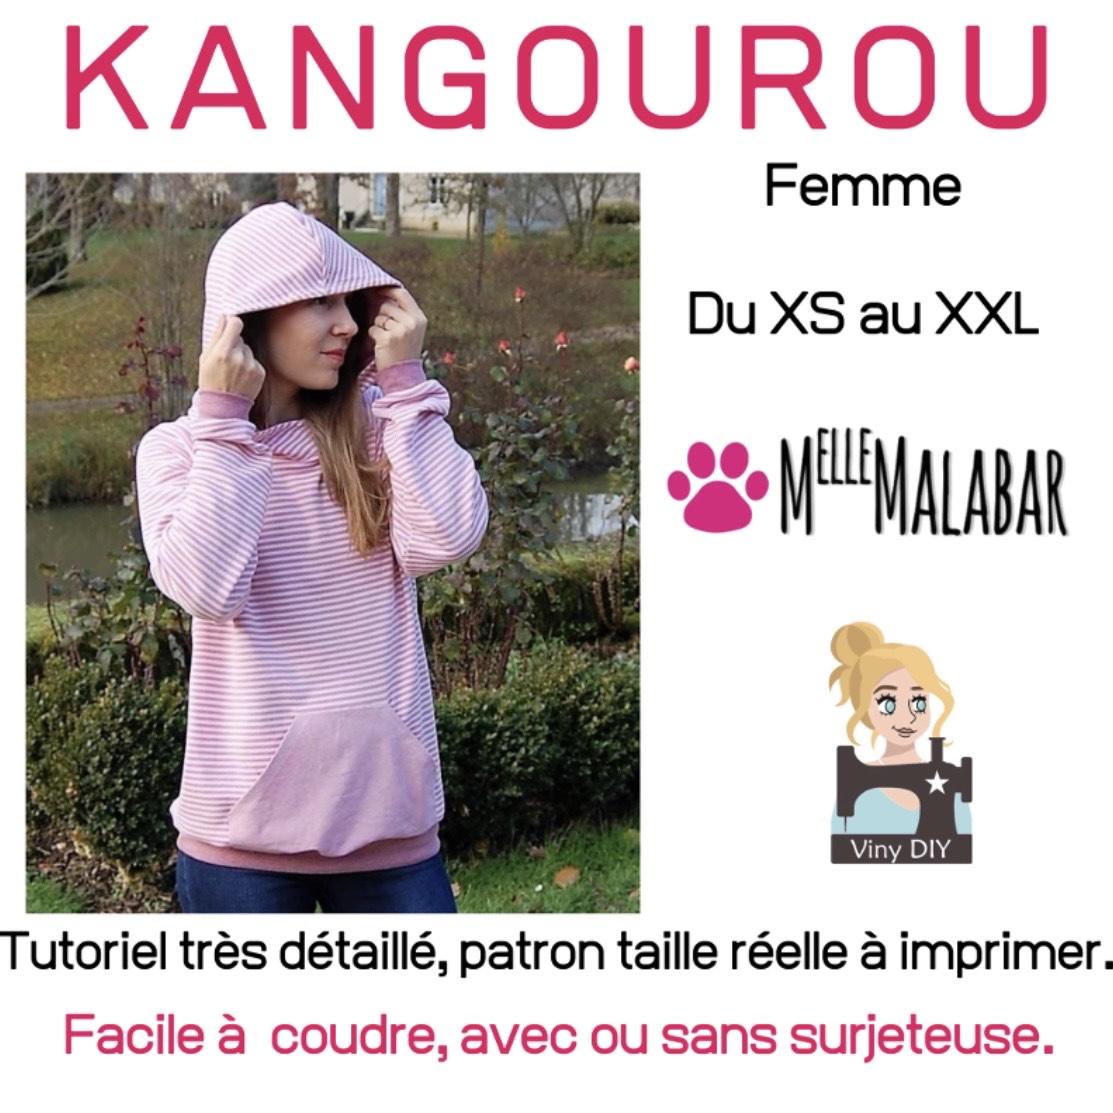 Sélection de patrons de couture PDF en promotion (mellemalabar.fr)